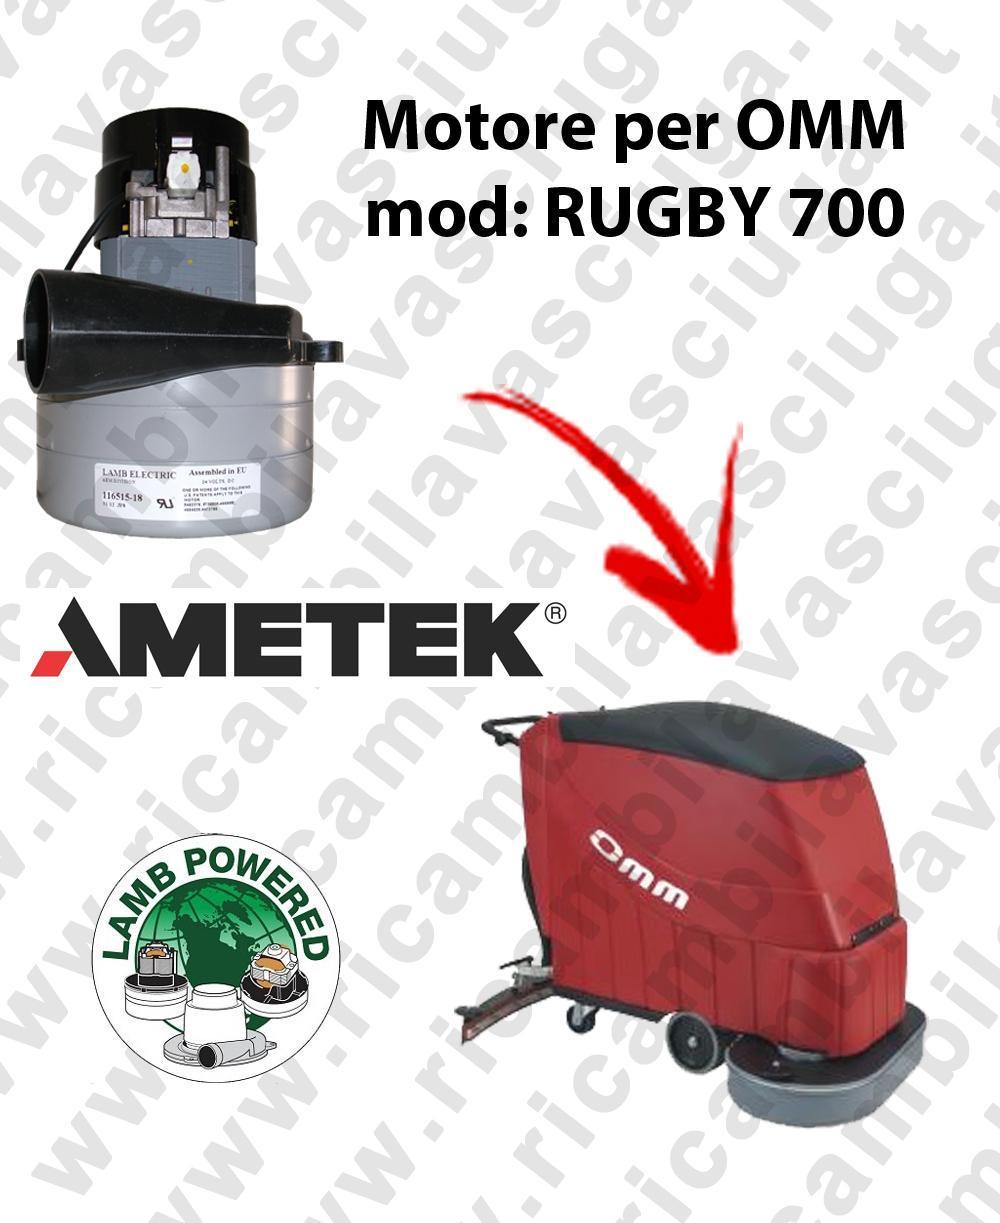 RUGBY 700 Saugmotor LAMB AMETEK für scheuersaugmaschinen OMM